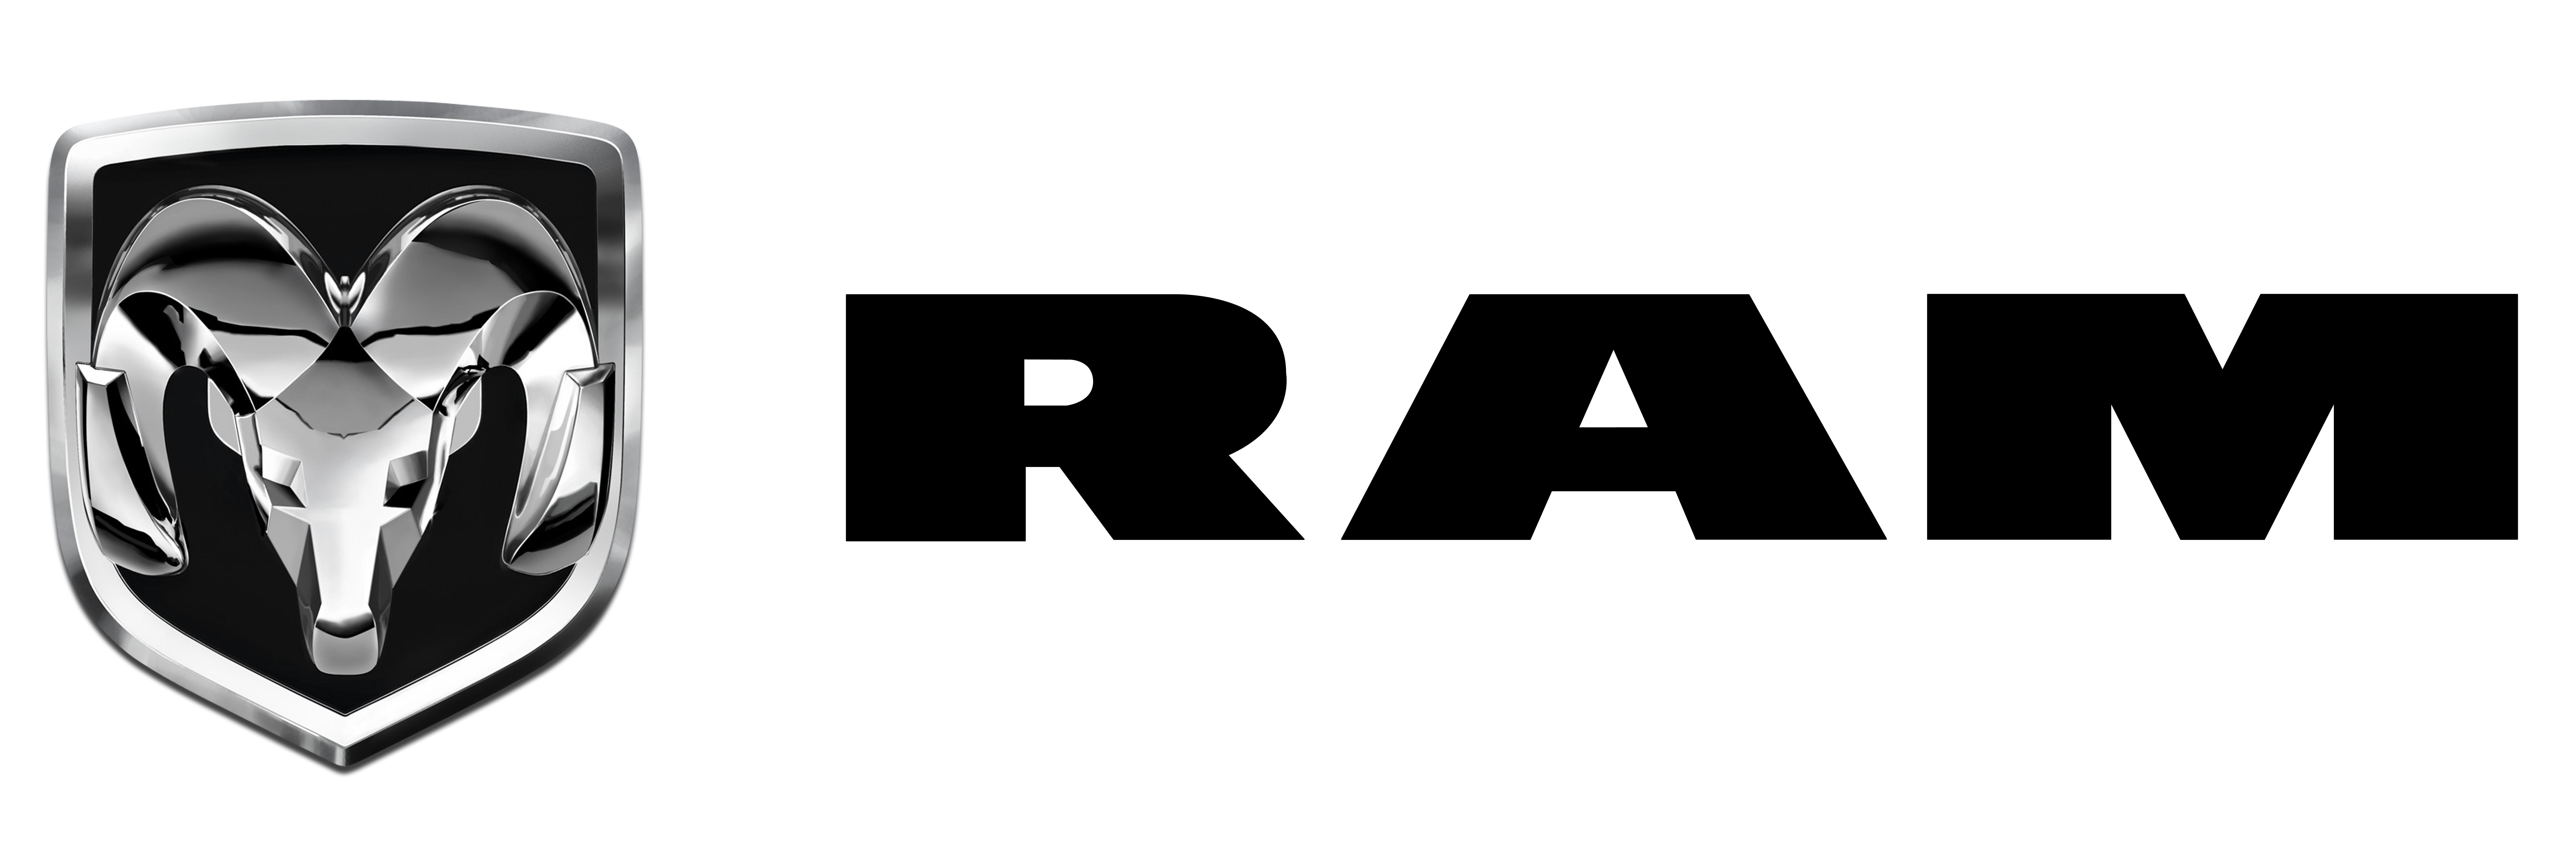 Fantastic Wallpaper Logo Dodge Ram - 668744  Pic_23488.jpg